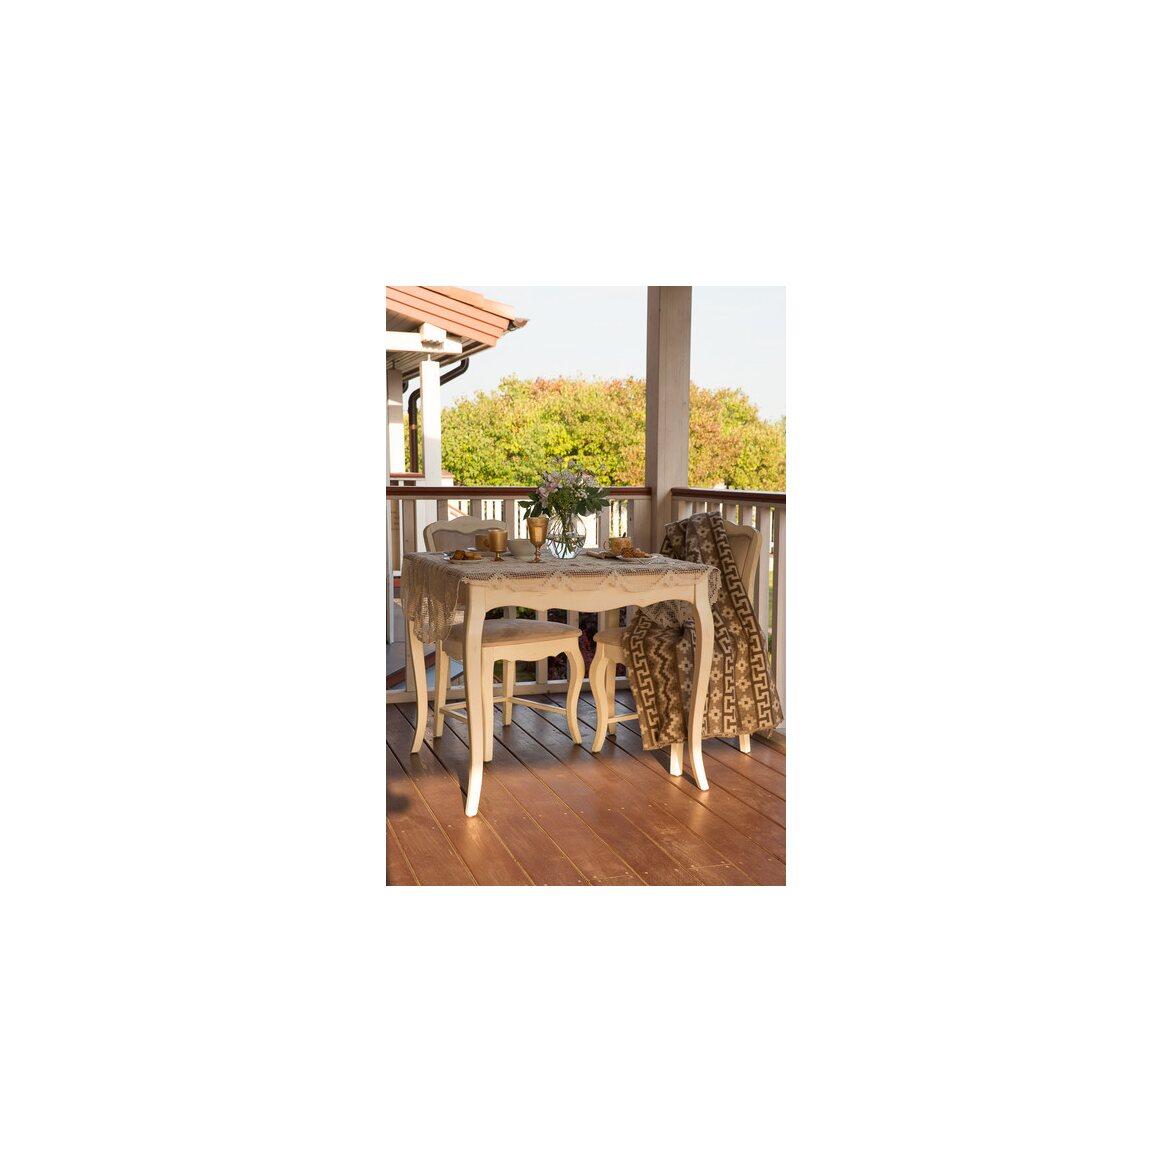 Обеденный стол (квадратный) Leontina, бежевого цвета 2   Обеденные столы Kingsby